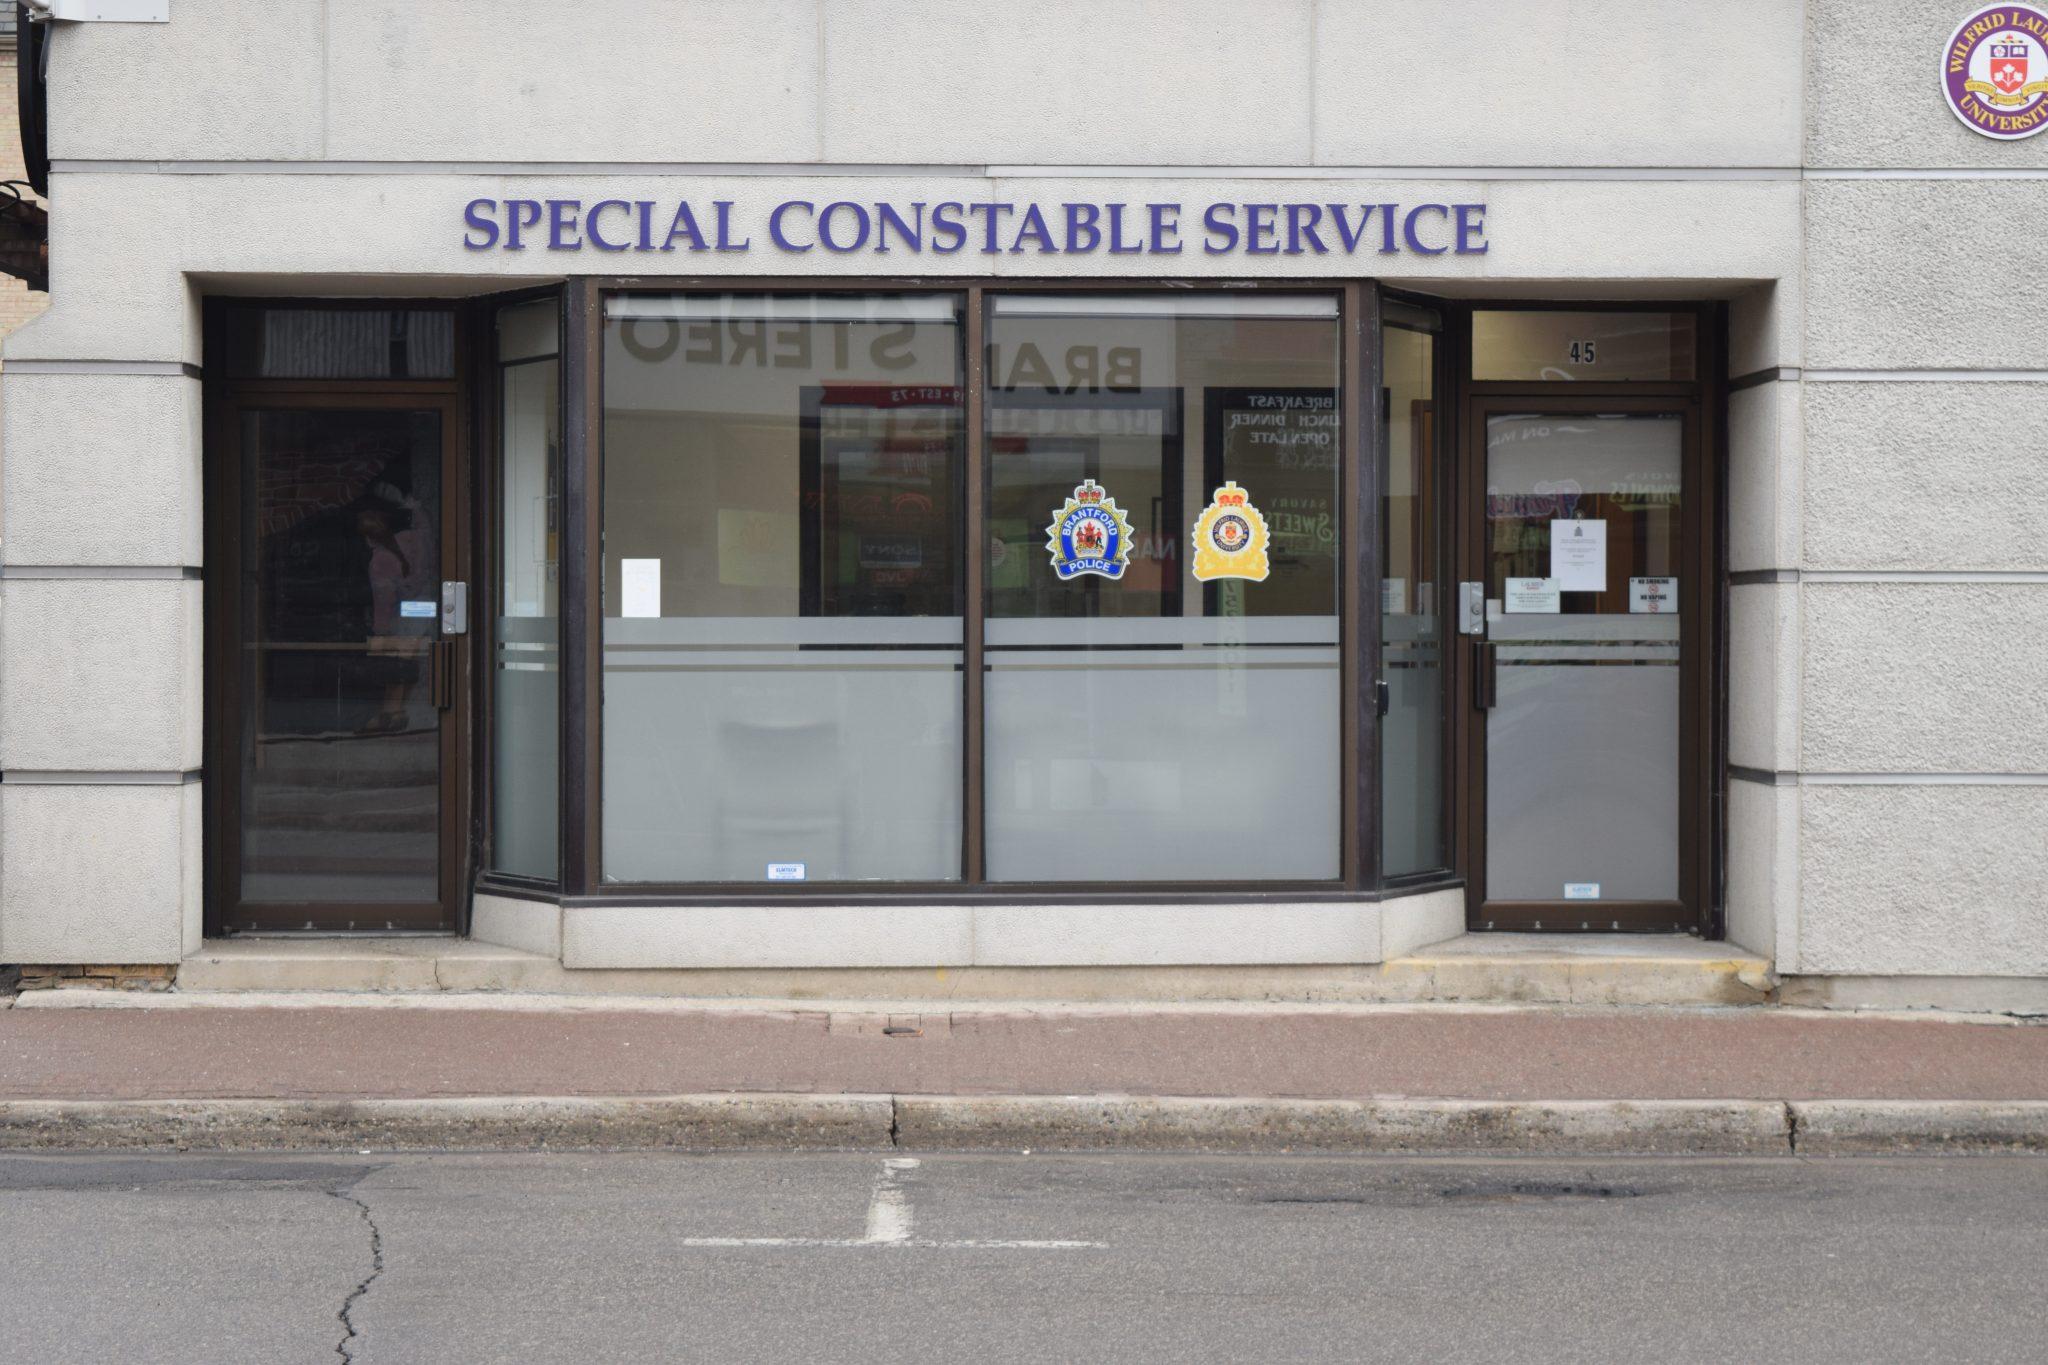 Brantford Special Constables Building